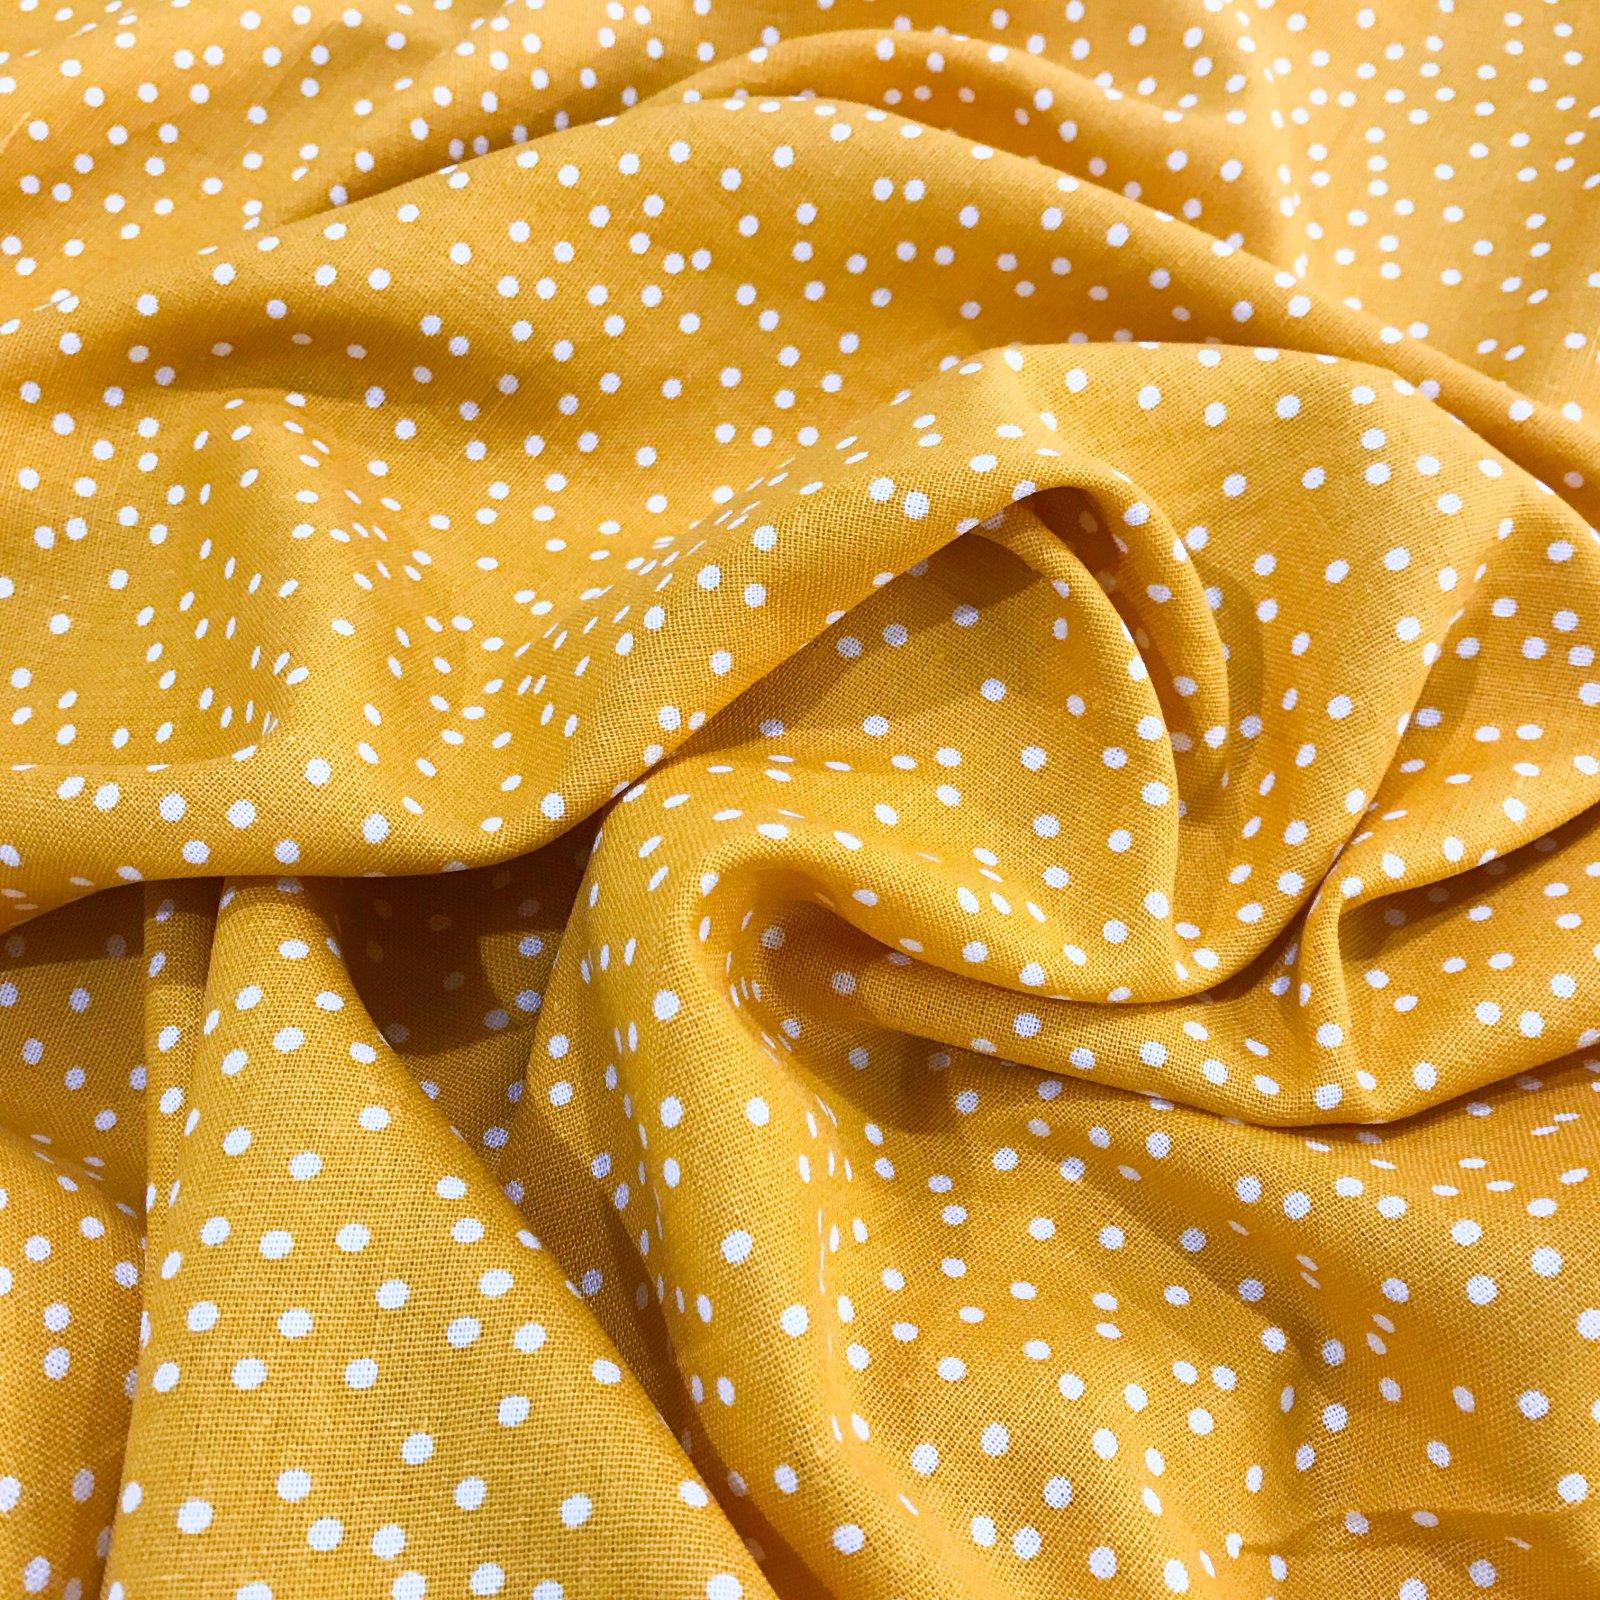 Linen - Rayon Blend Sunflower Polka Dots